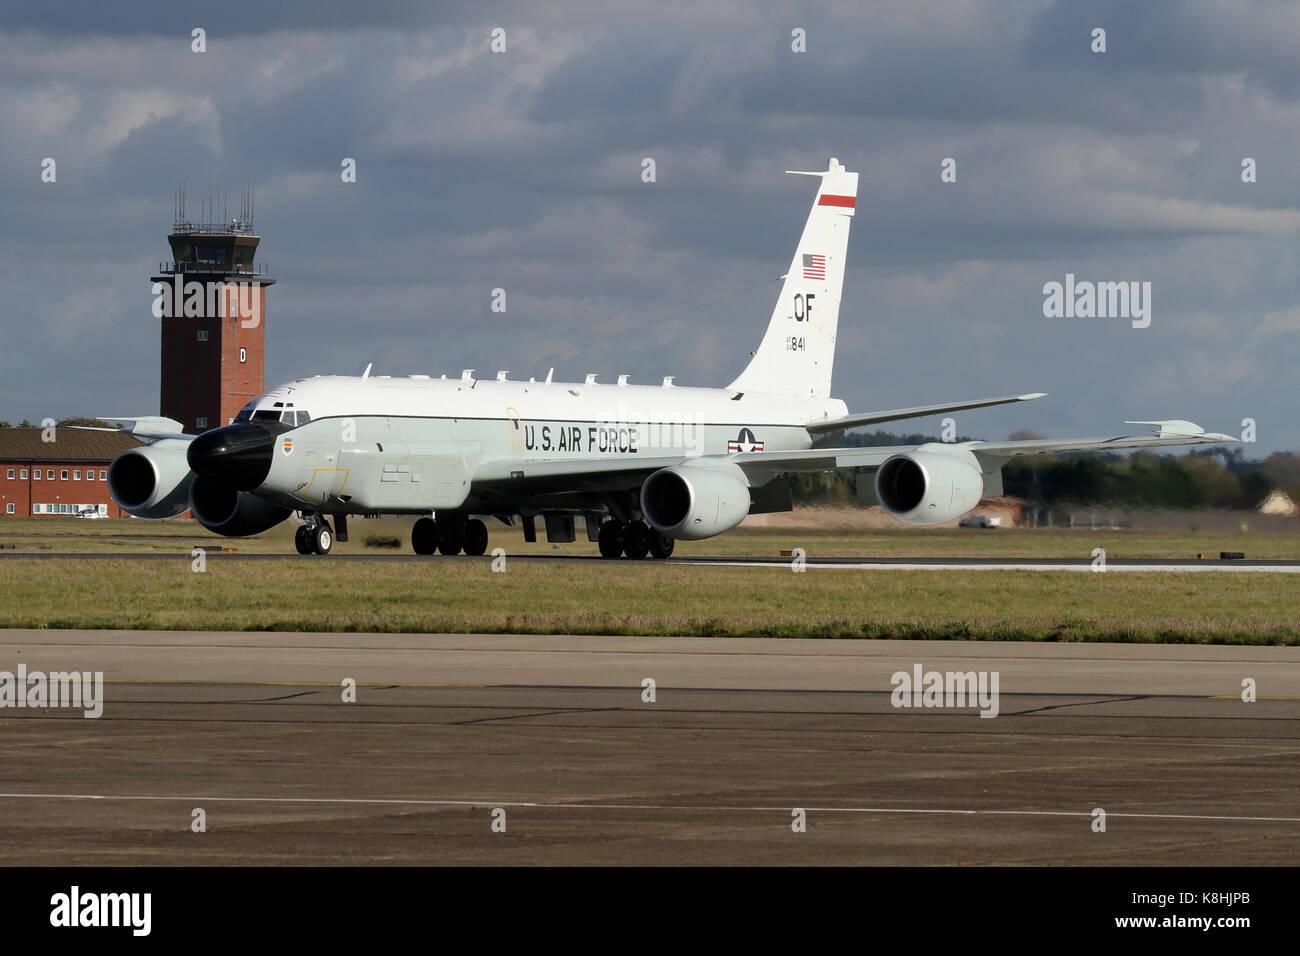 USAF RC-135V Nietverbindung auf Bereitstellung bei RAF Mildenhall heraus rollen auf der Landebahn nach einer Mission Stockbild